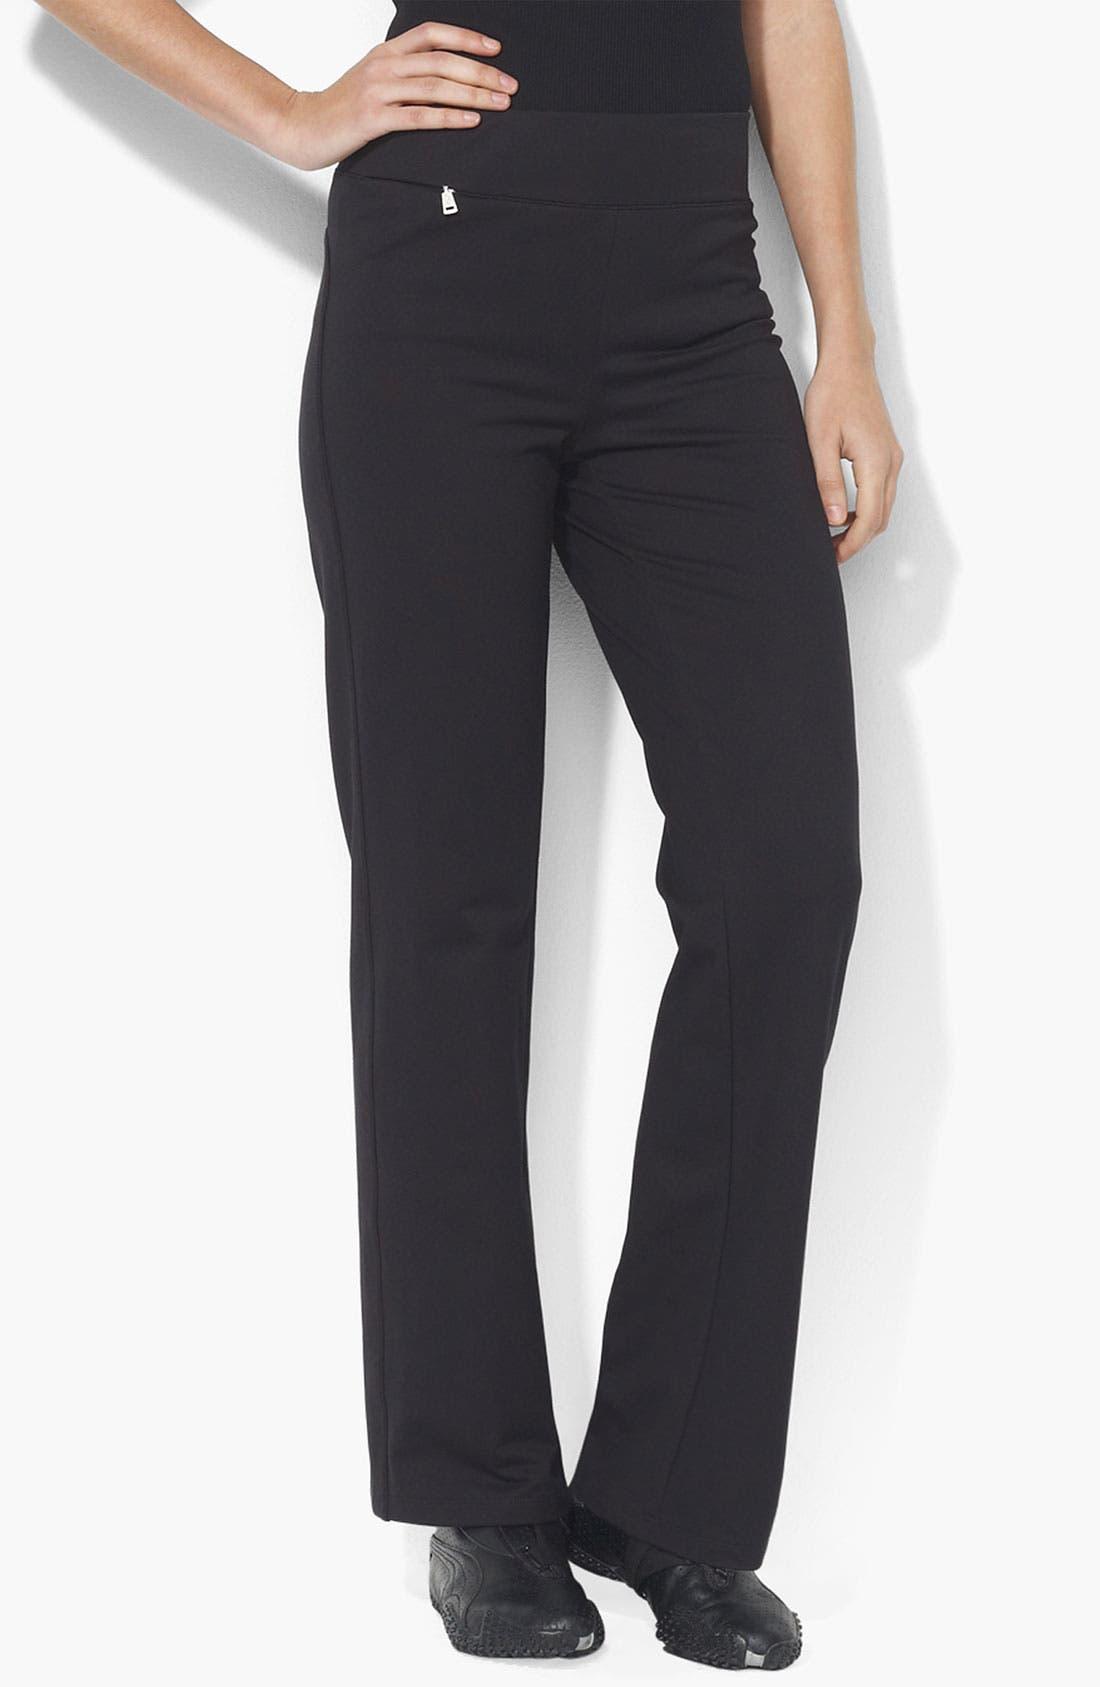 Alternate Image 1 Selected - Lauren Ralph Lauren Pull-On Knit Pants (Petite) (Online Exclusive)